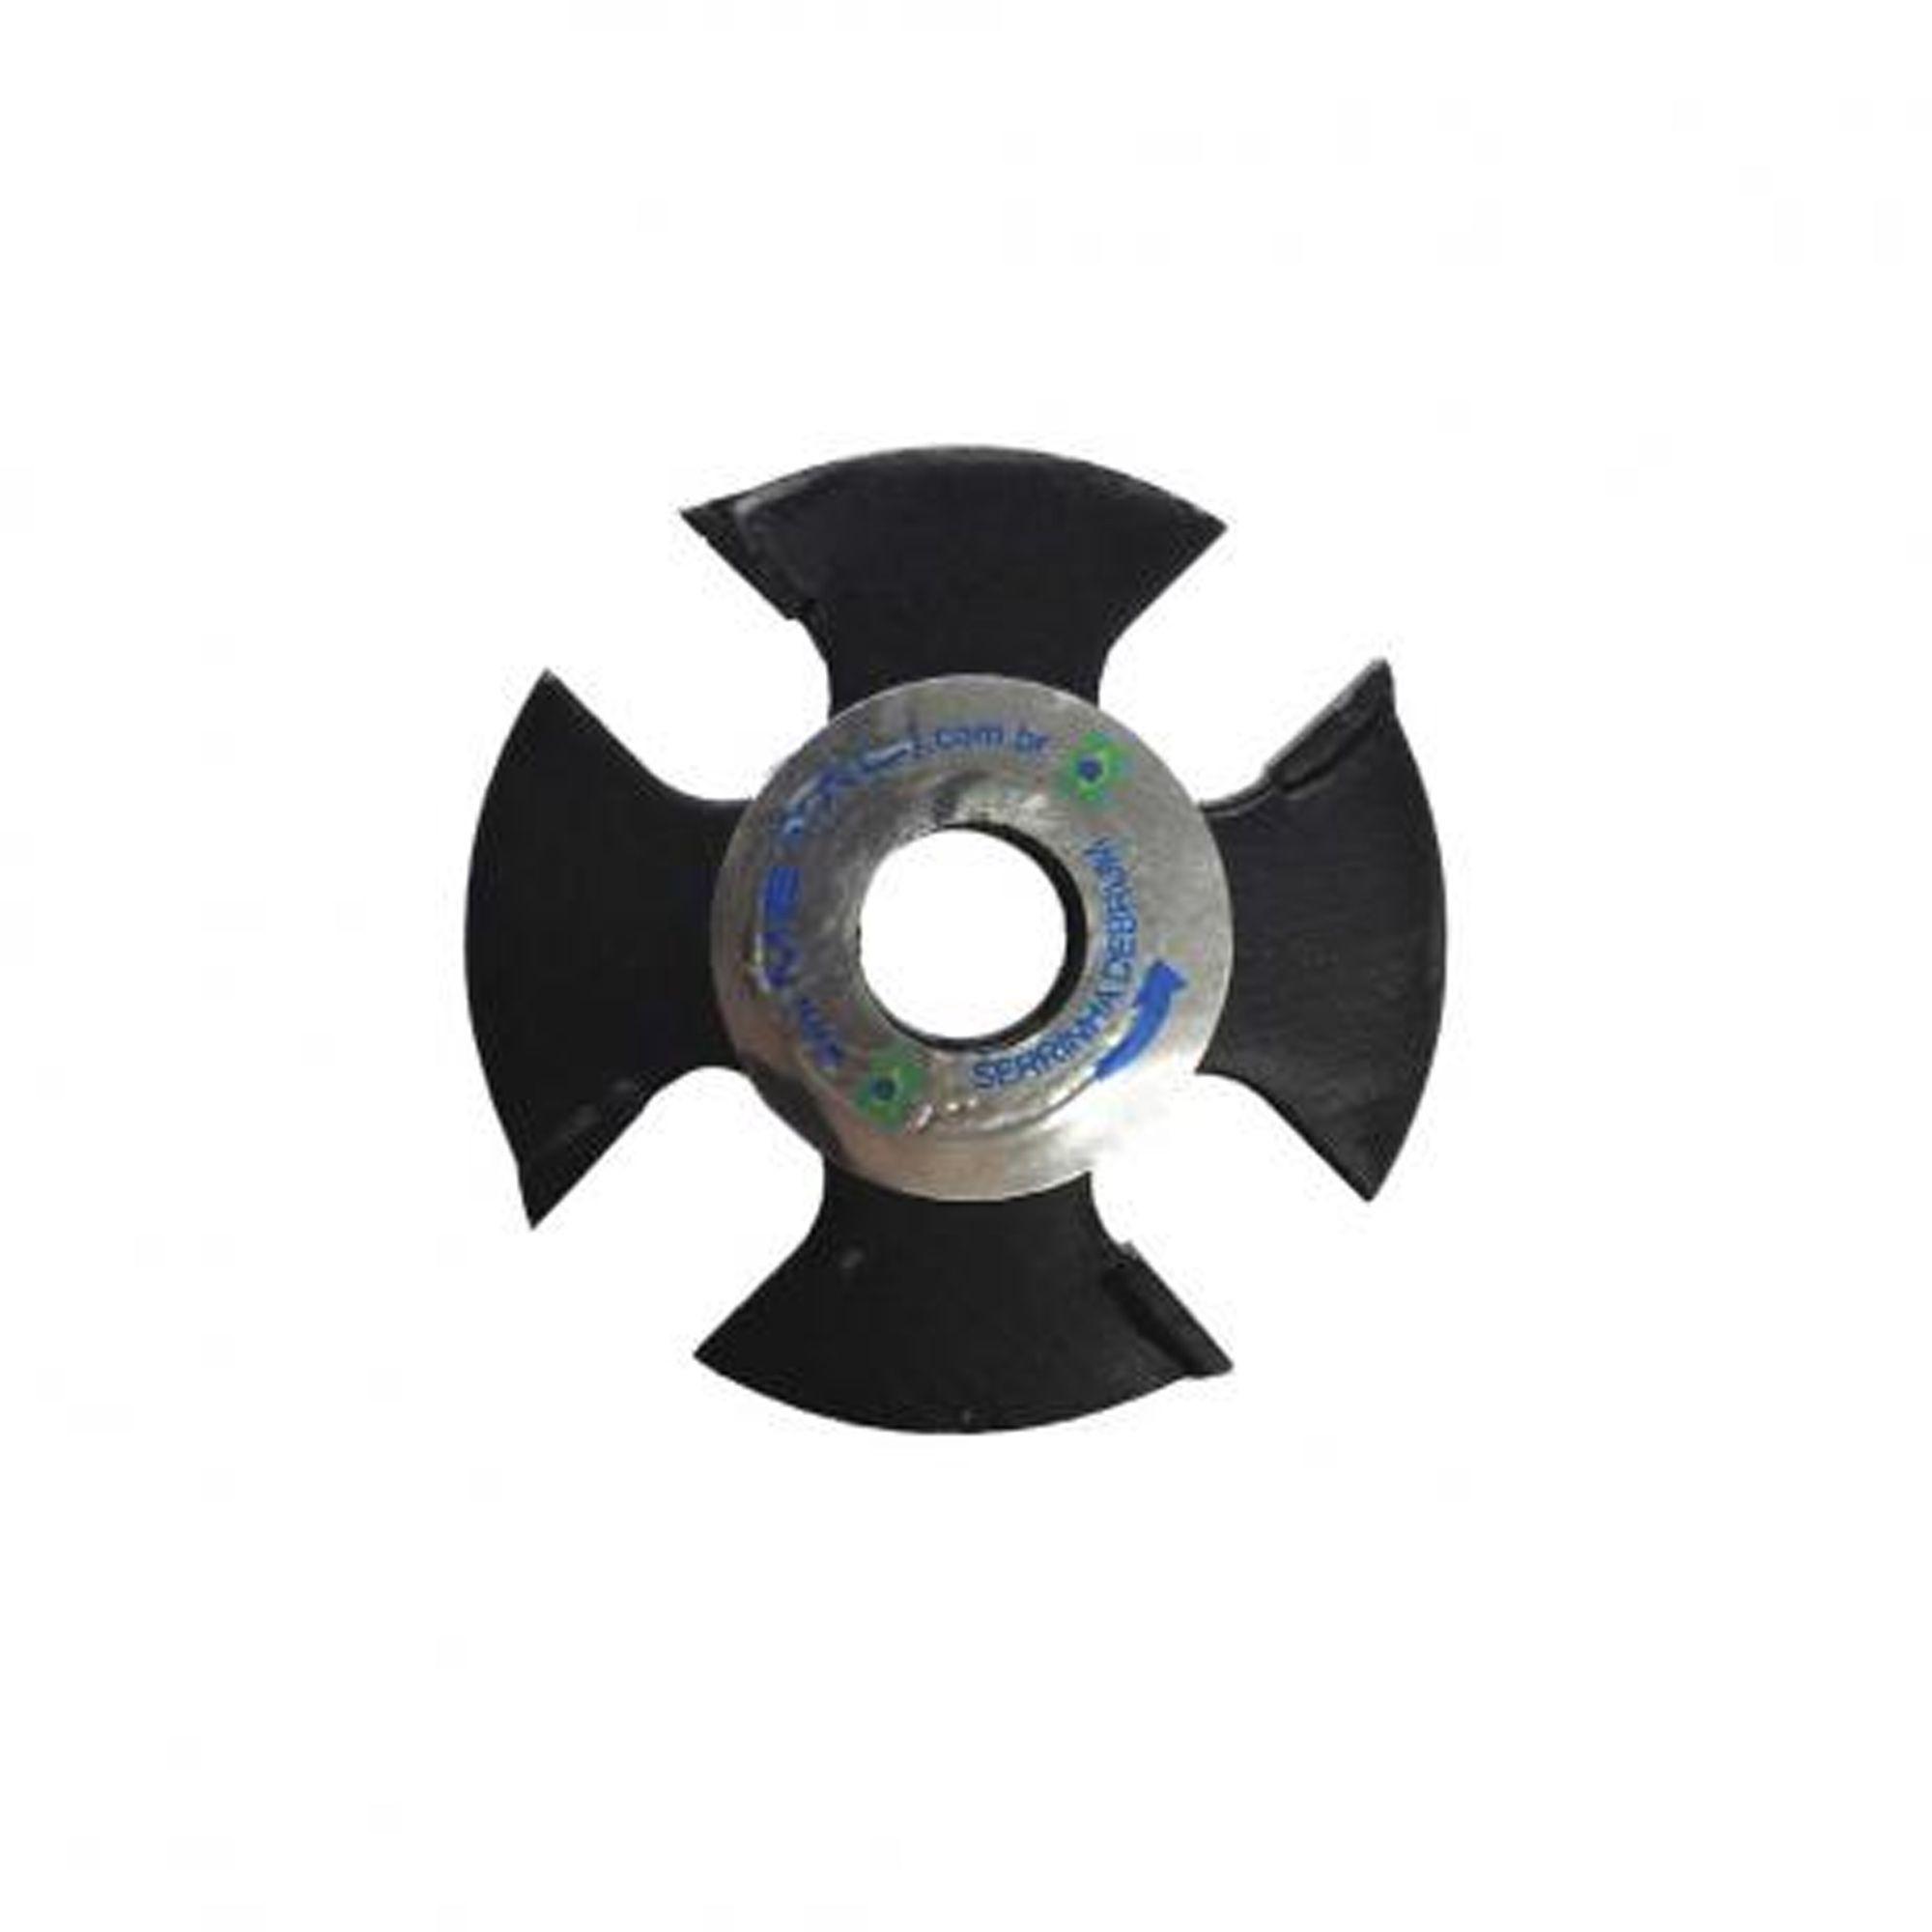 Serra Debrum 40 x 3,5MM P/ Haste 6MM Metali 088